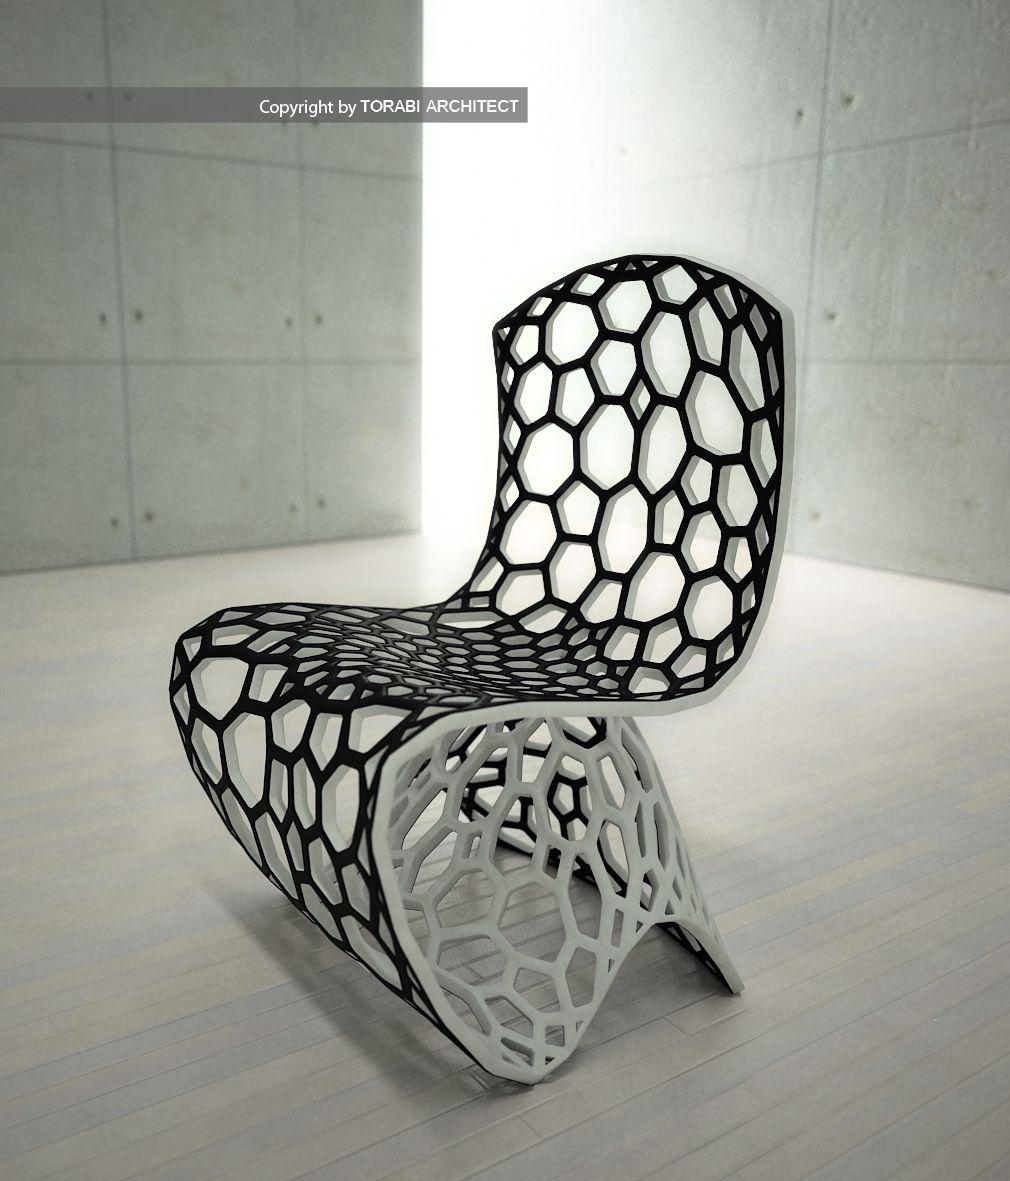 Chair Furniture Design: Parametric Seating – Voronoi Chair